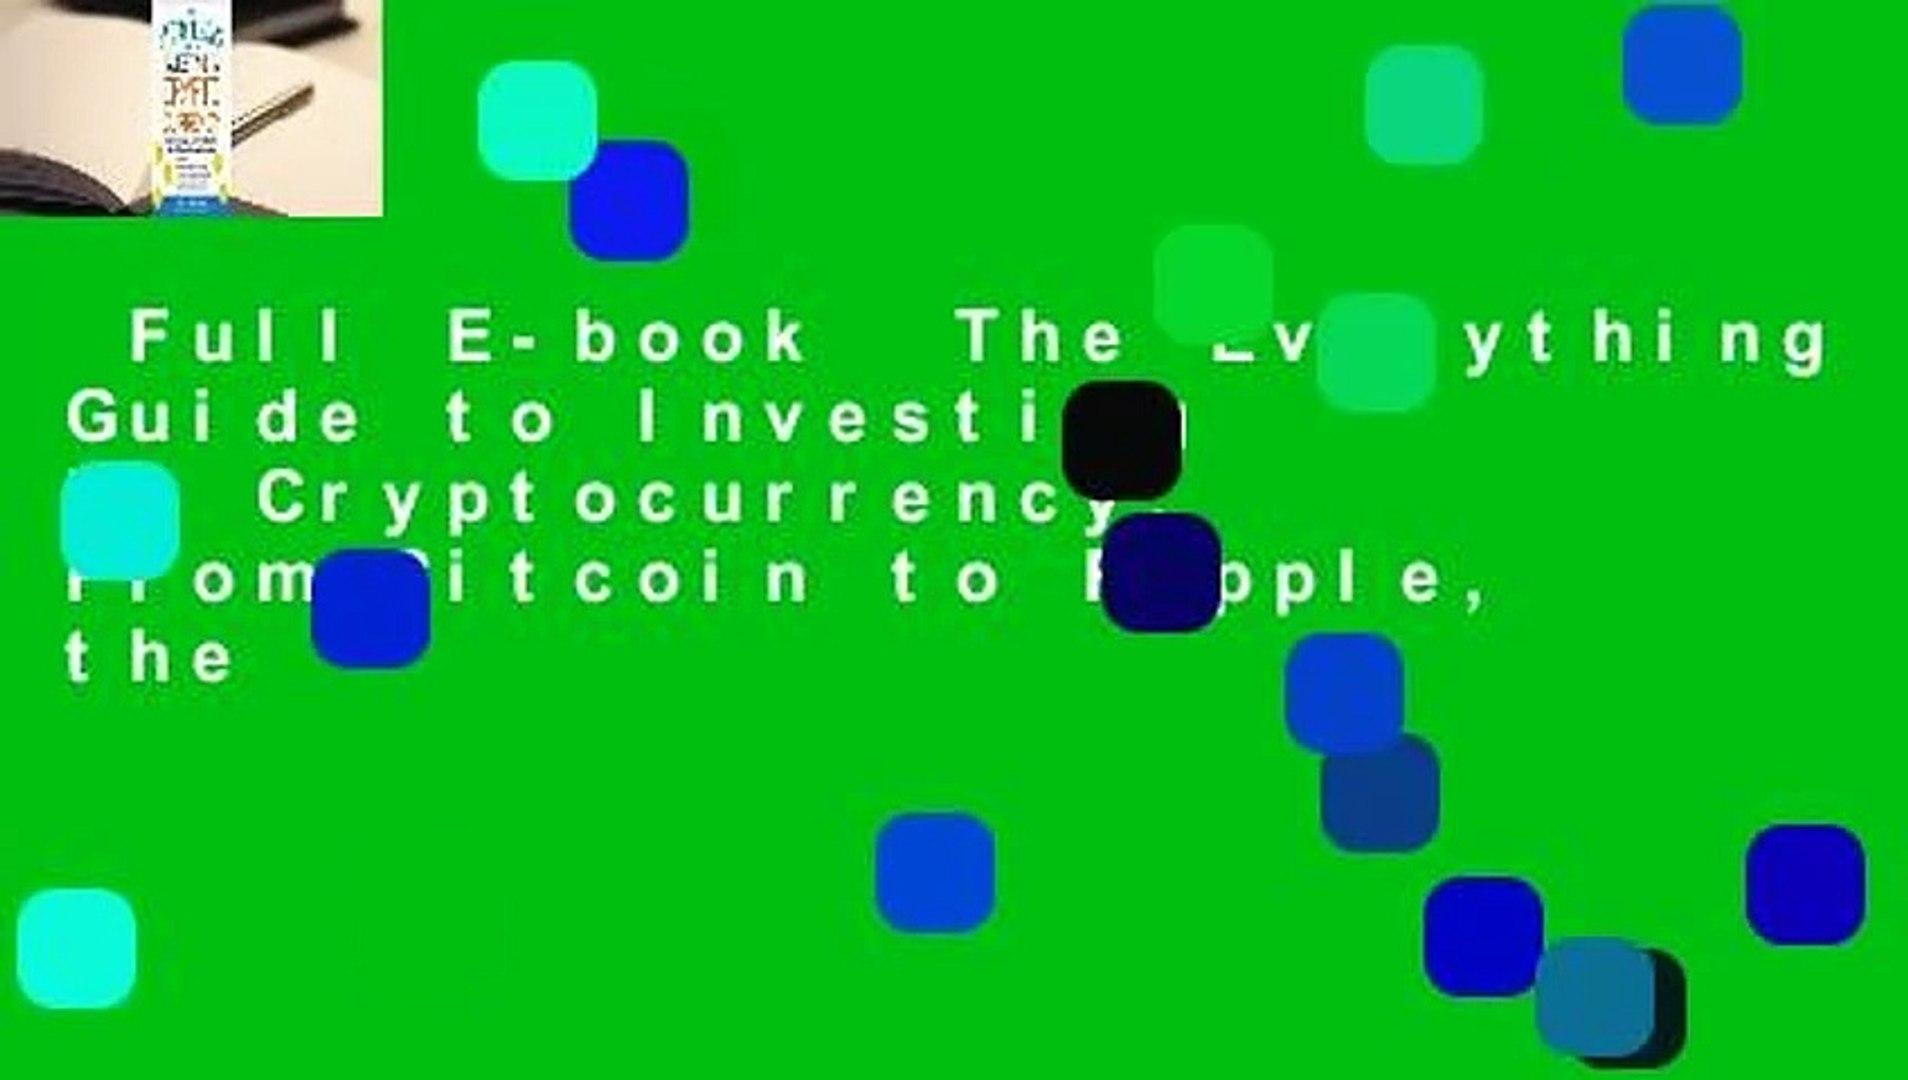 poți tranzacționa bitcoin rapid ca pe acțiuni de ce să investească în criptocurrency